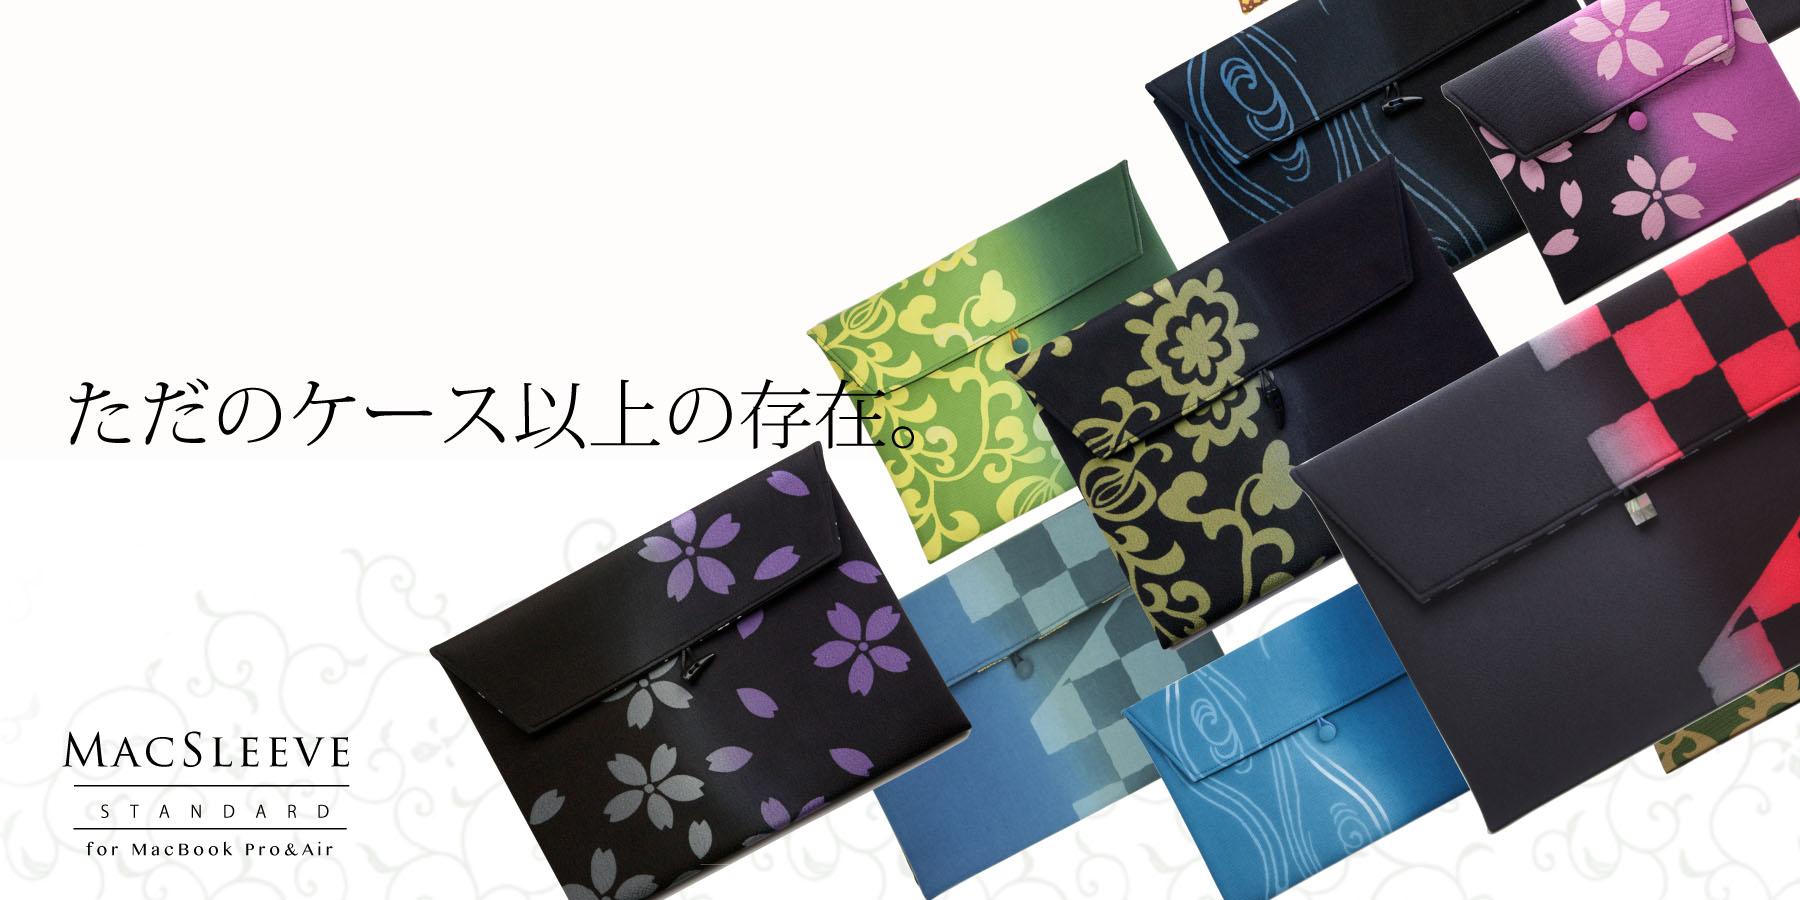 MacBookケースを京都・日本の伝統美・京友禅の手仕事が生み出すぼかしで再デザイン。MacBookPro Retinaにも対応。